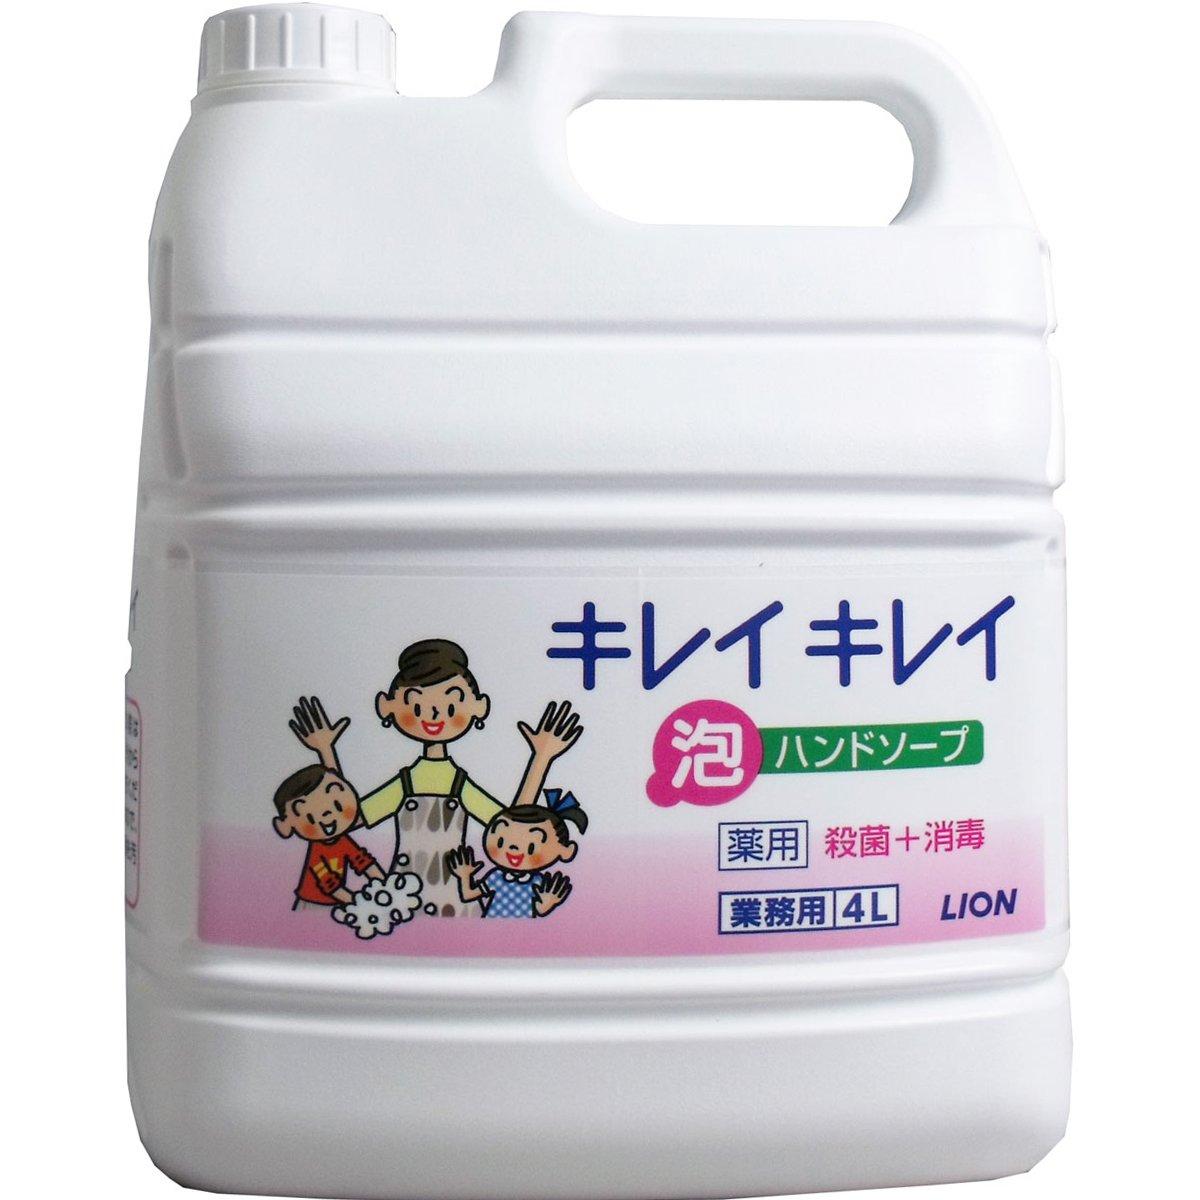 ライオン 業務用 キレイキレイ 薬用 泡ハンドソープ 4LX3本 B078FPSJ5T